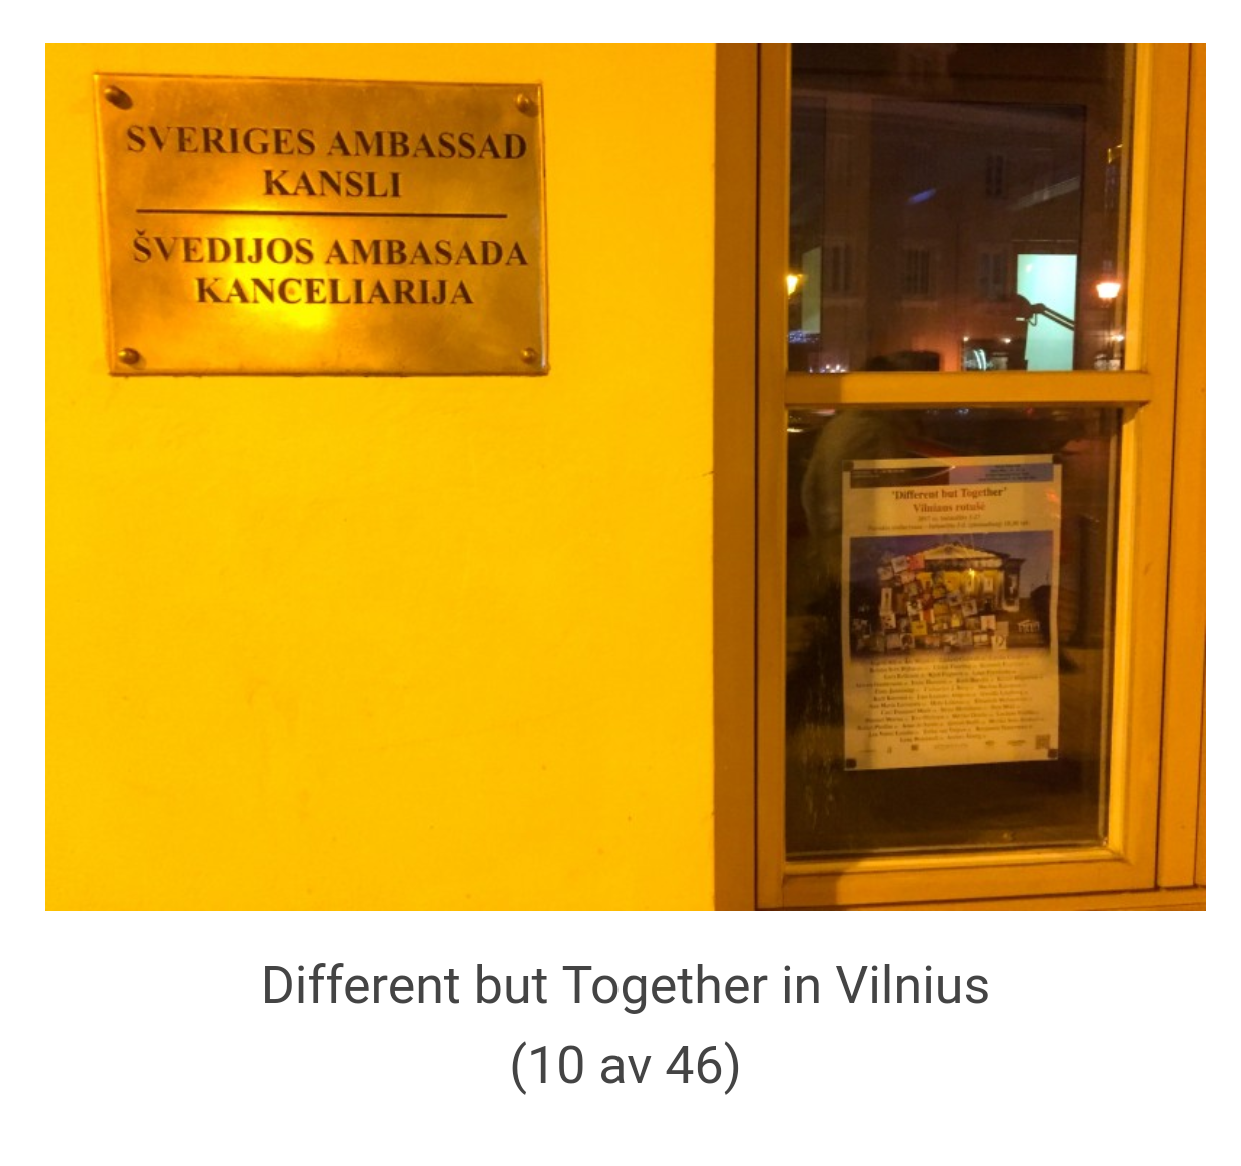 Reklam affisch för utställningen på Sveriges Ambassad i Vilnius, Litauen.  Bild: Artnetco